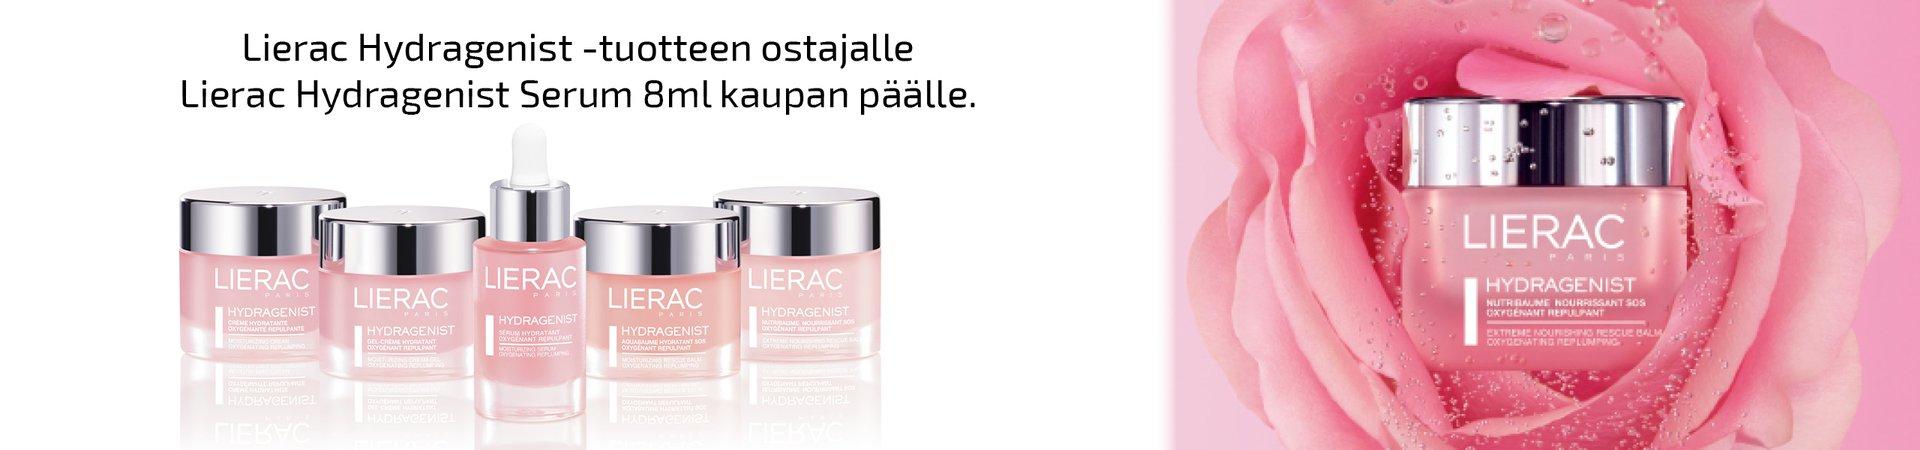 kosmetiikka lierac tarjous